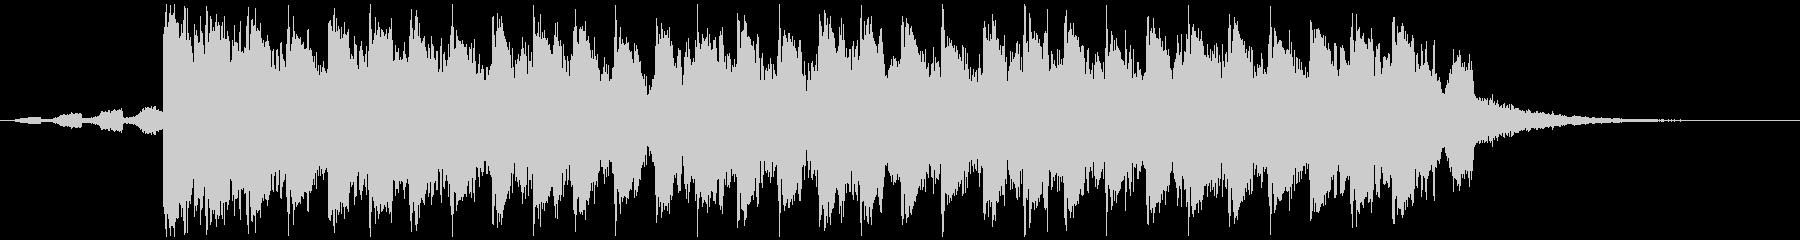 夏らしい洋楽風トロピカルハウスShortの未再生の波形